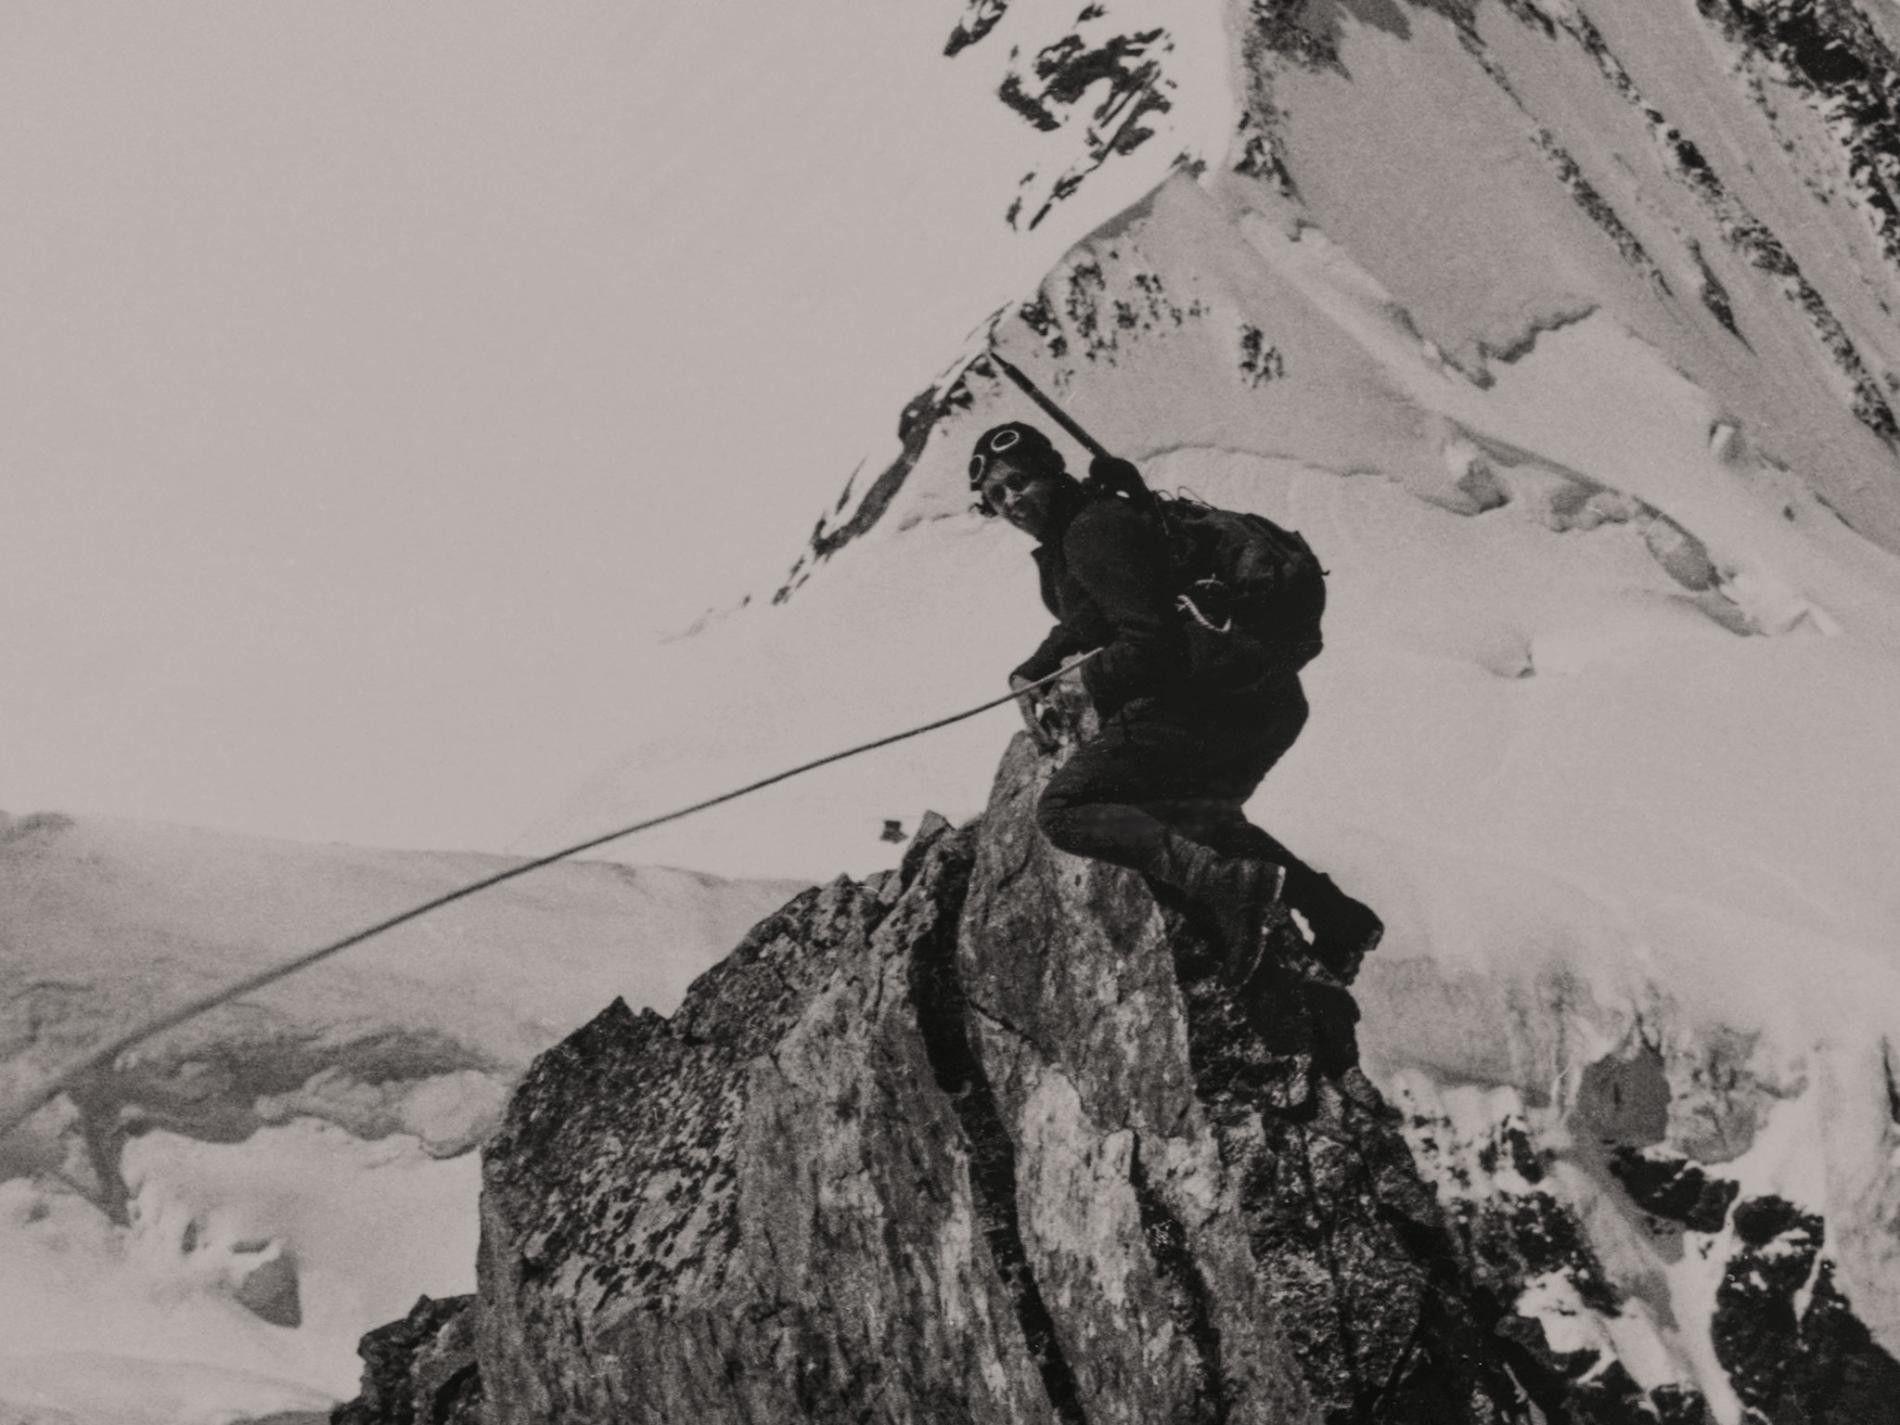 Micheline Morin posa para uma fotografia tirada pela companheira de alpinismo Miriam O'Brien.